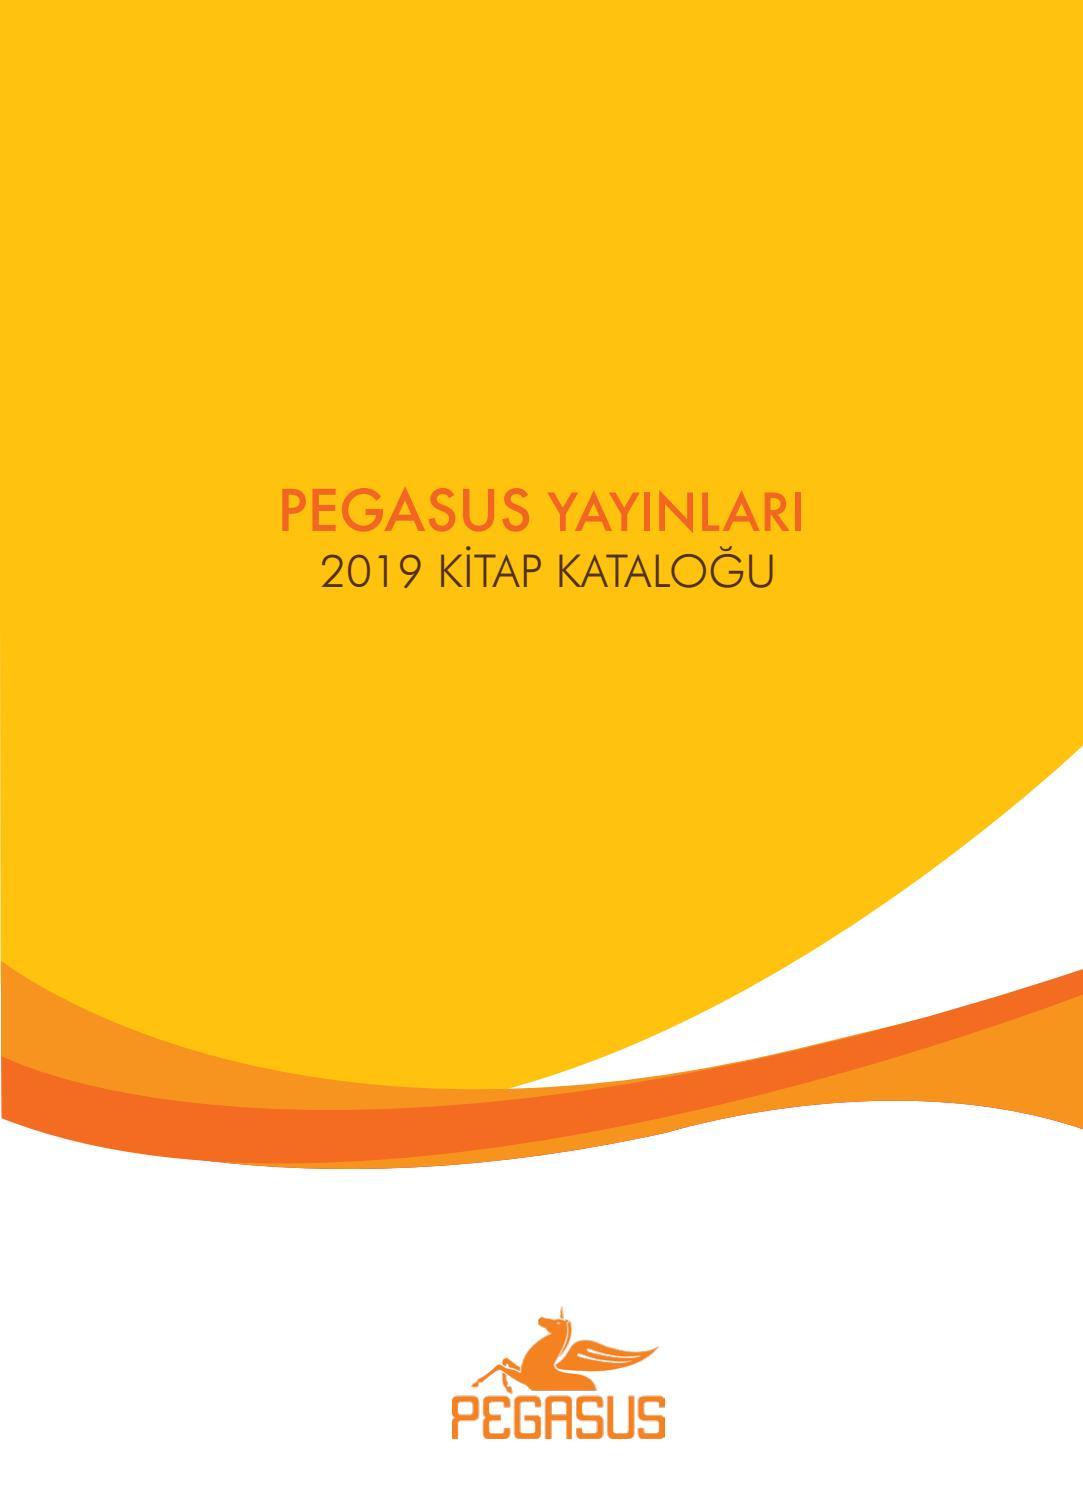 Pegasus Yayinlari 2019 Yayin Katalogu By Pegasus Yayinlari Issuu